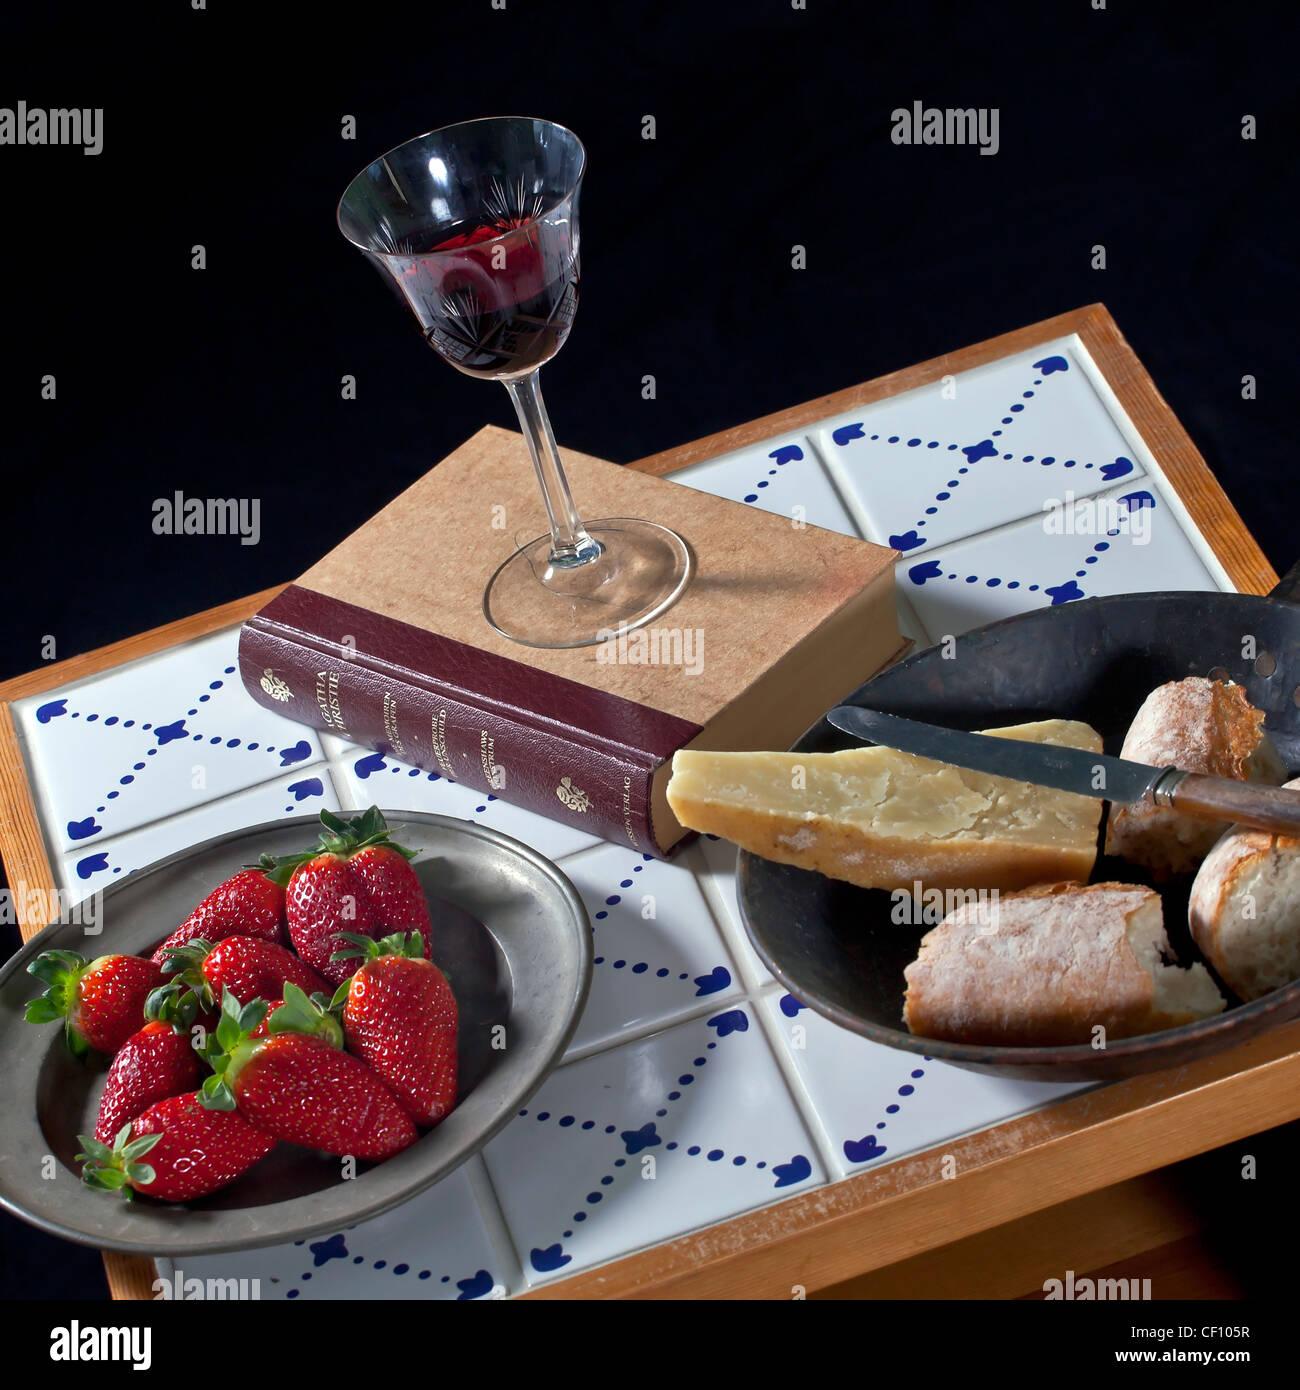 Accogliente snack: un libro su un tavolo fatto di piastrelle vecchie con un bicchiere di vino rosso, fragole, formaggio Immagini Stock